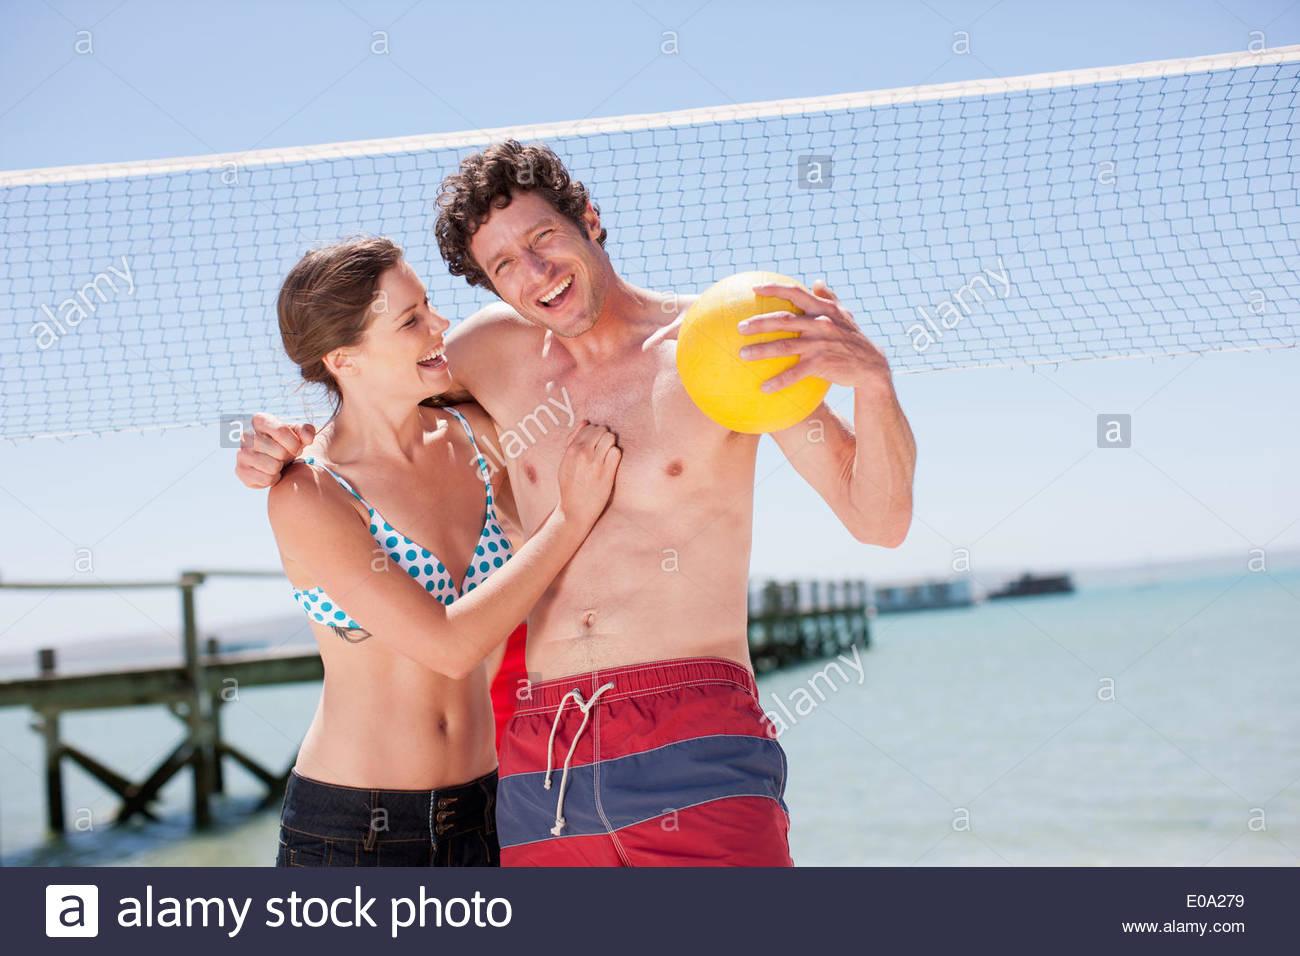 Freunde am Strand Volleyball spielen Stockbild